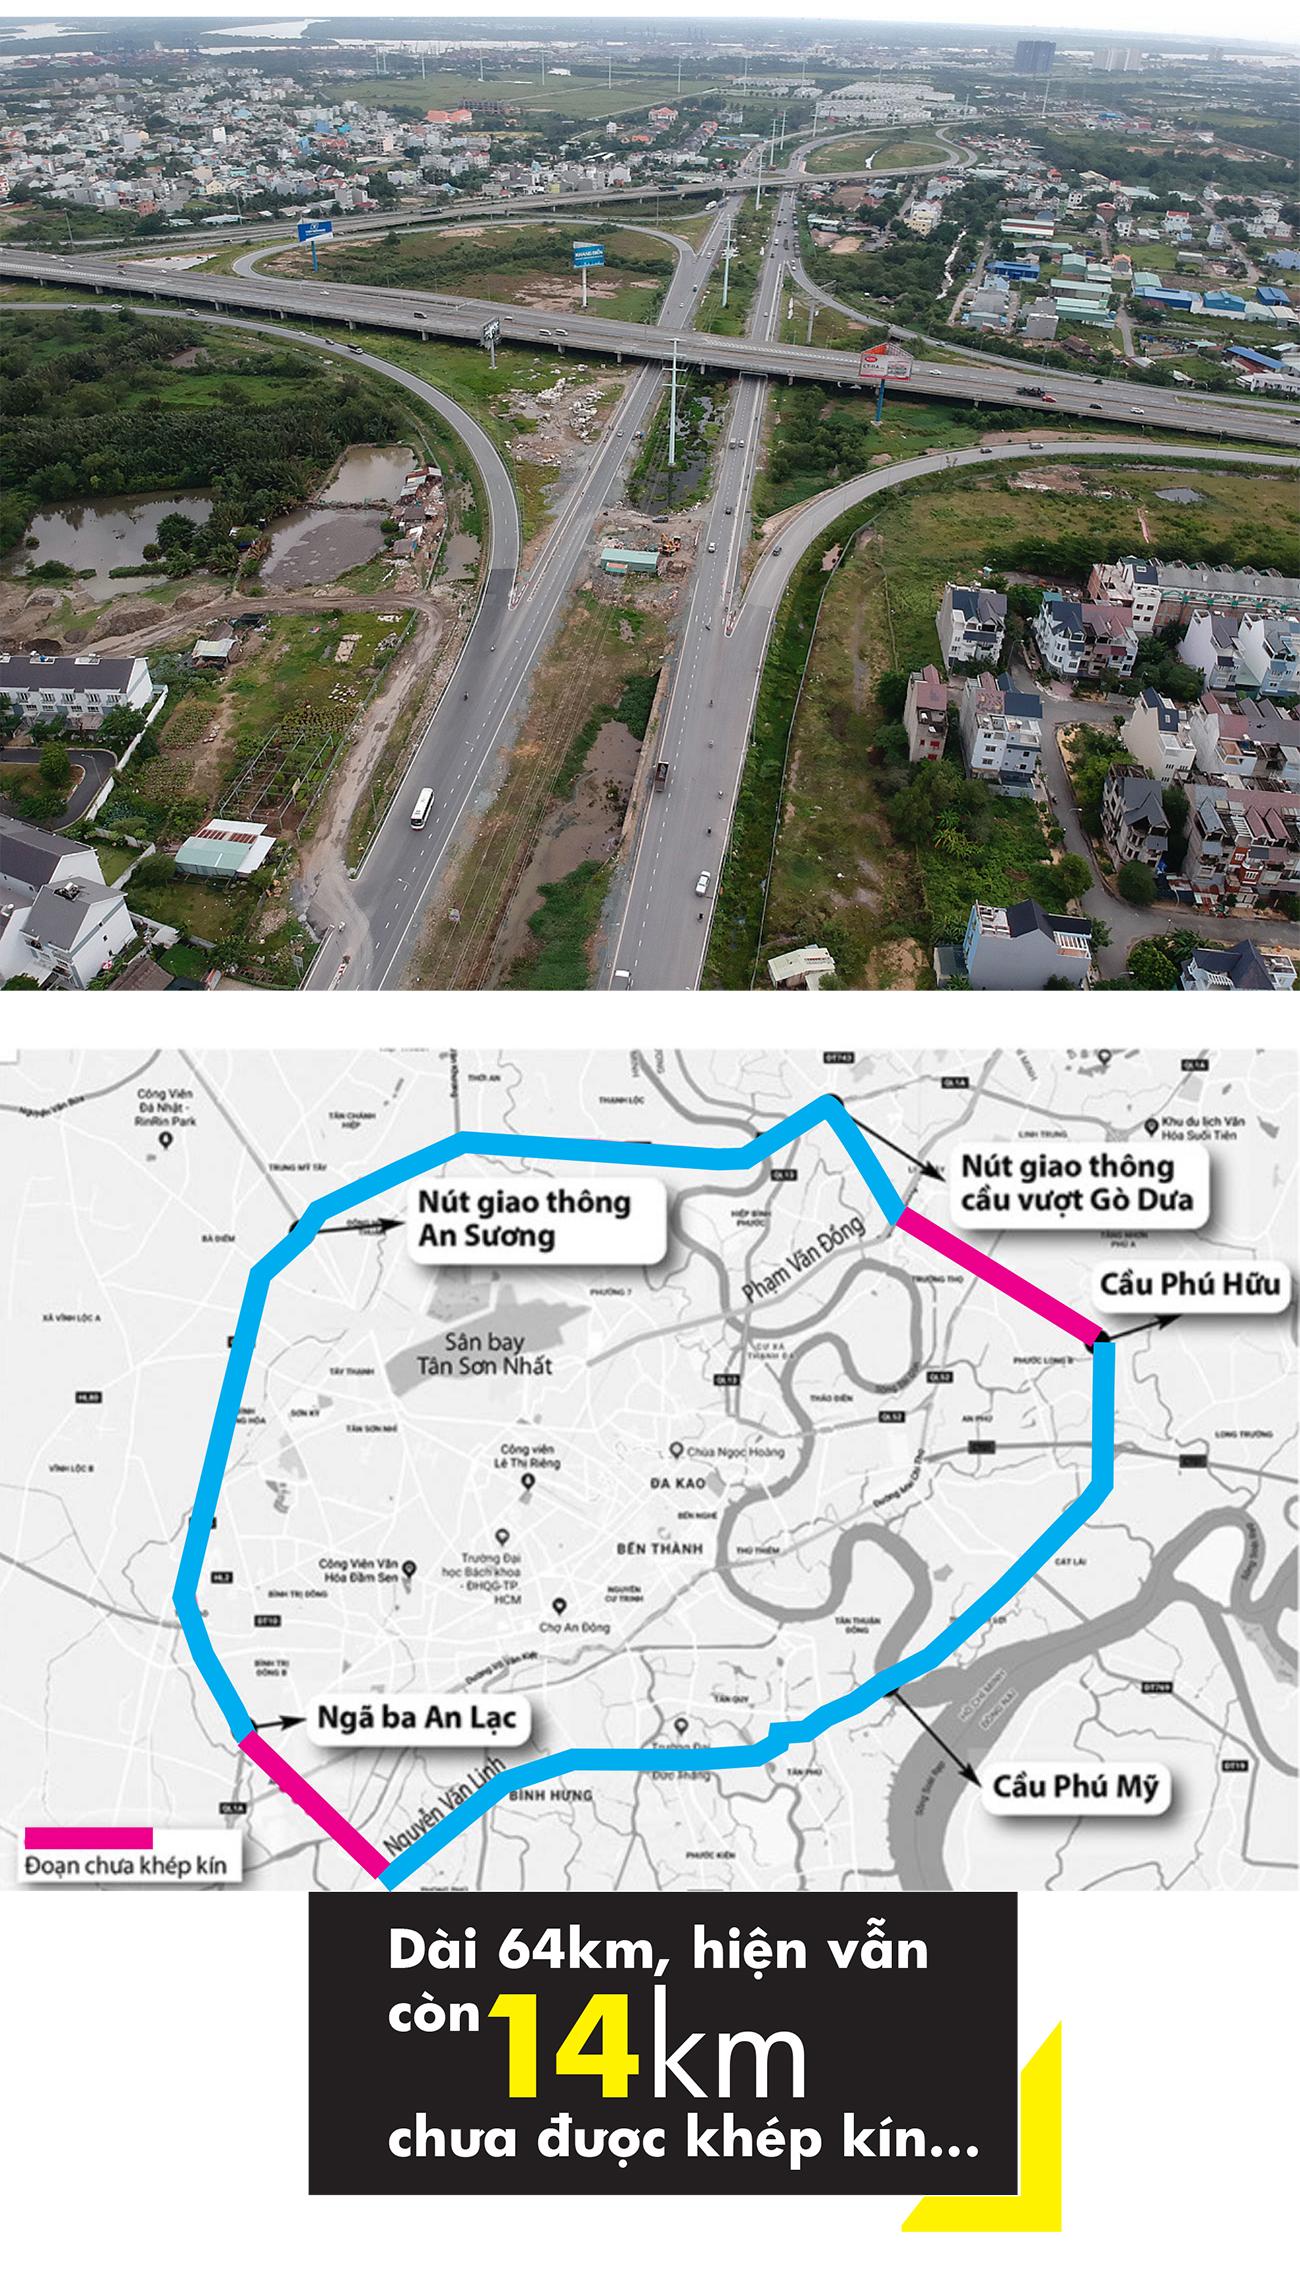 Hàng loạt dự án hạ tầng trọng điểm lỗi hẹn ảnh 7